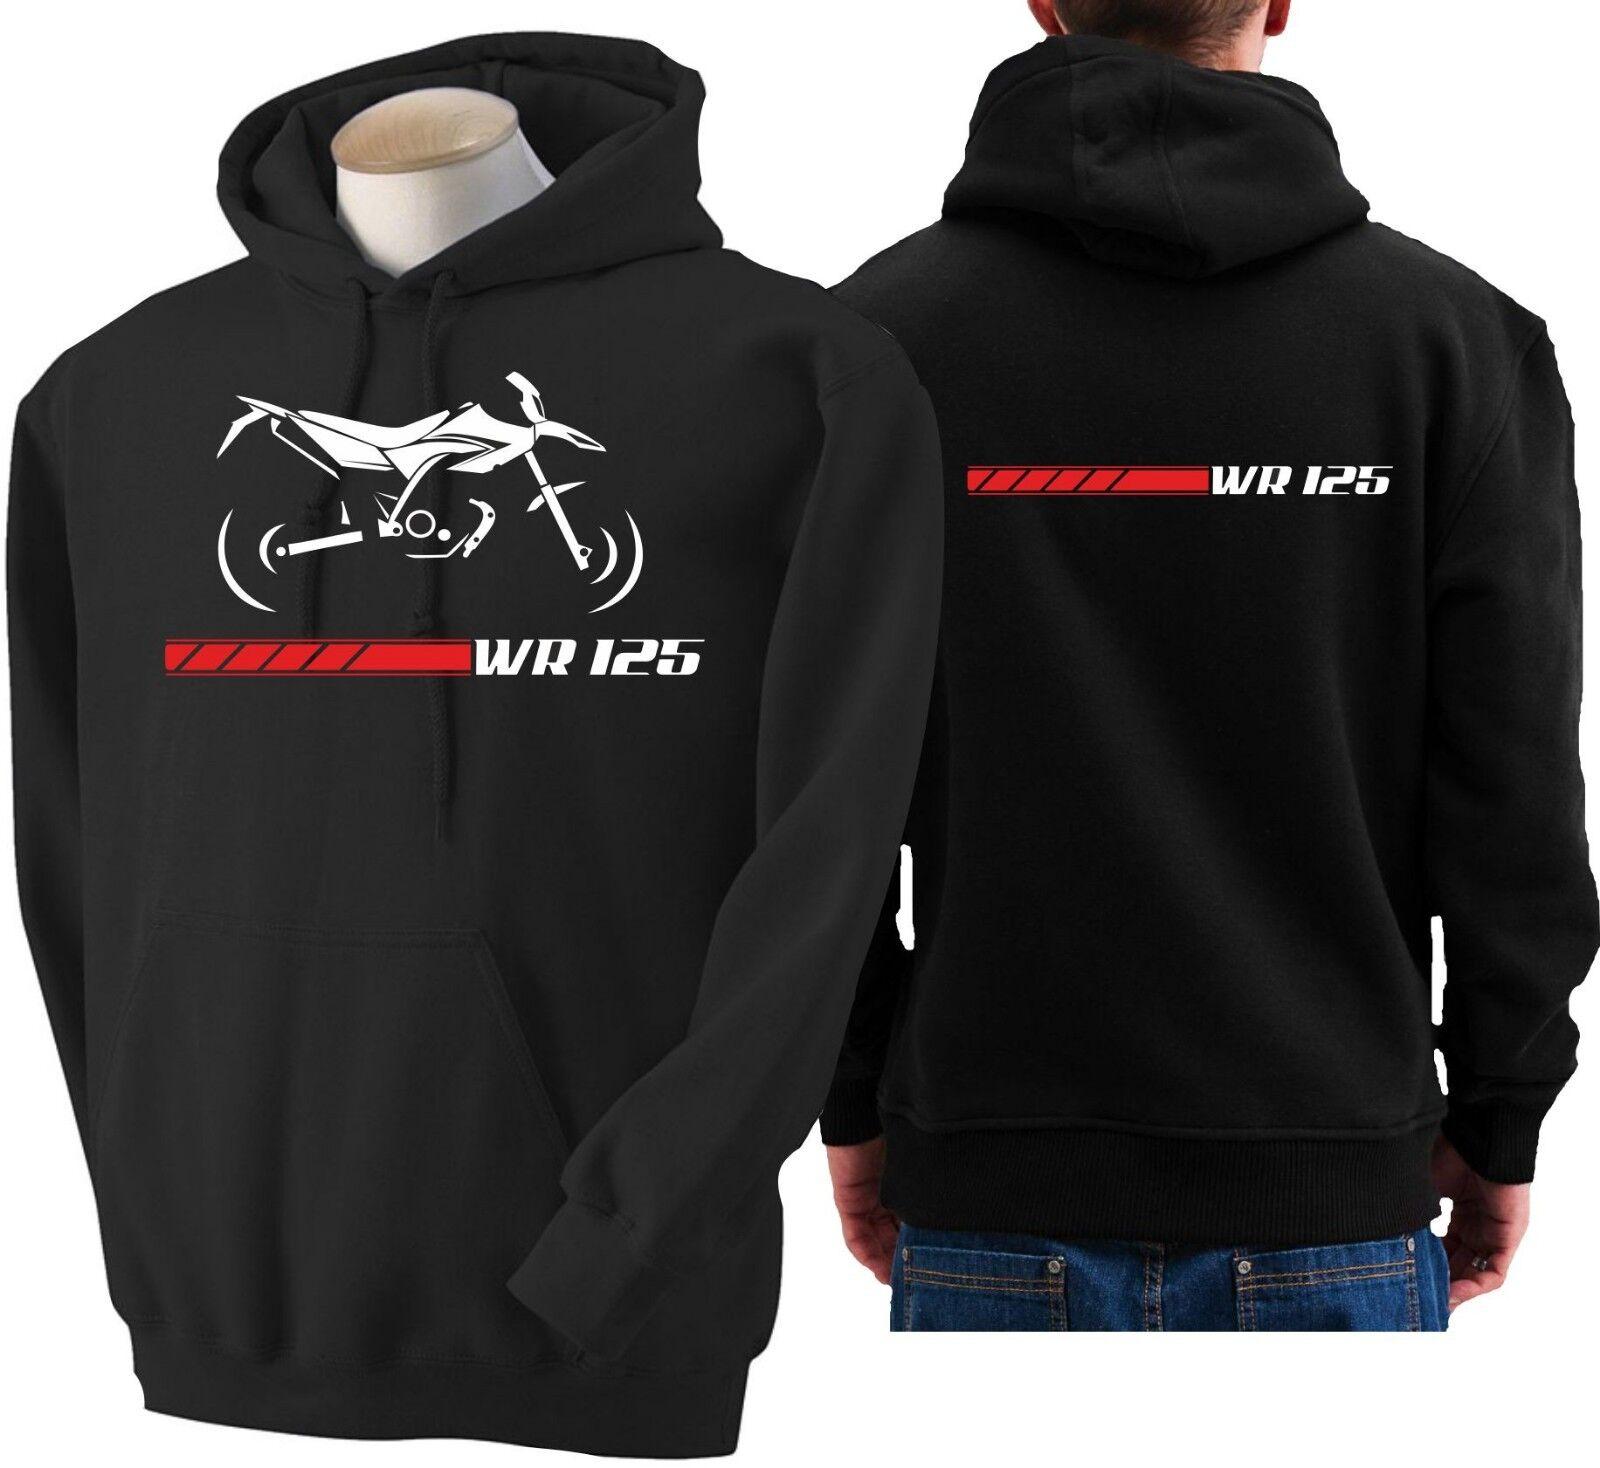 Hoodie for bike YAMAHA WR 125 sweatshirt hoody Sudadera moto WR125 sweater